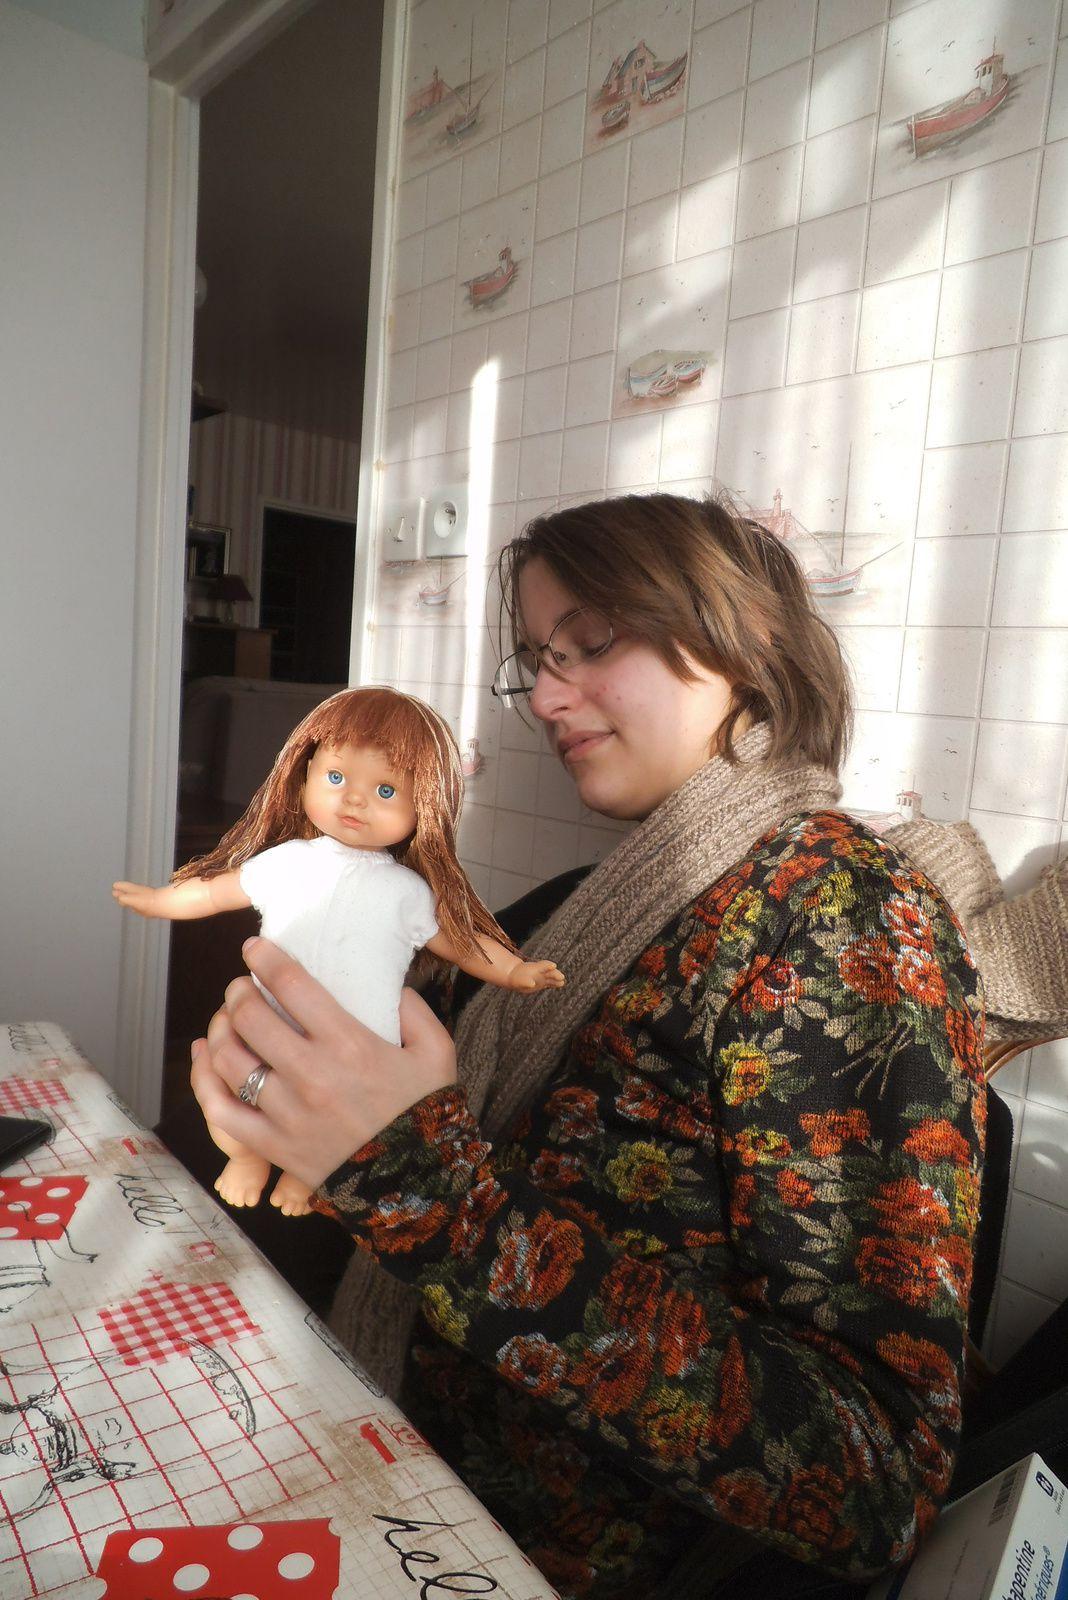 pose d'une perruque et nouvelle poupée à habiller